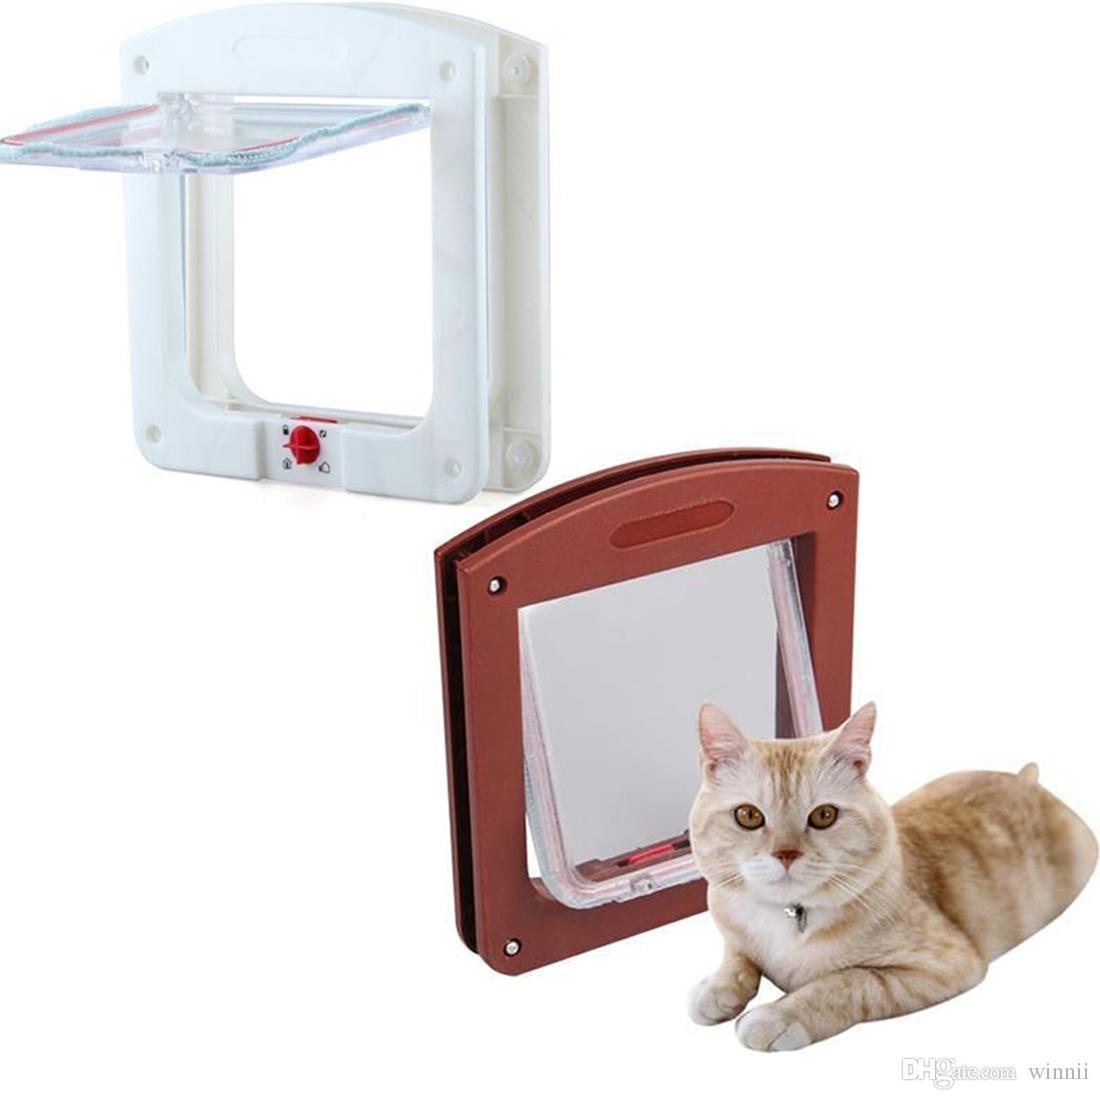 جديد دائم البلاستيك 4 طريقة قفل المغناطيسي القط حيوان أليف الباب صغير الكلب هريرة للماء رفرف الآمن بوابة السلامة الإمدادات